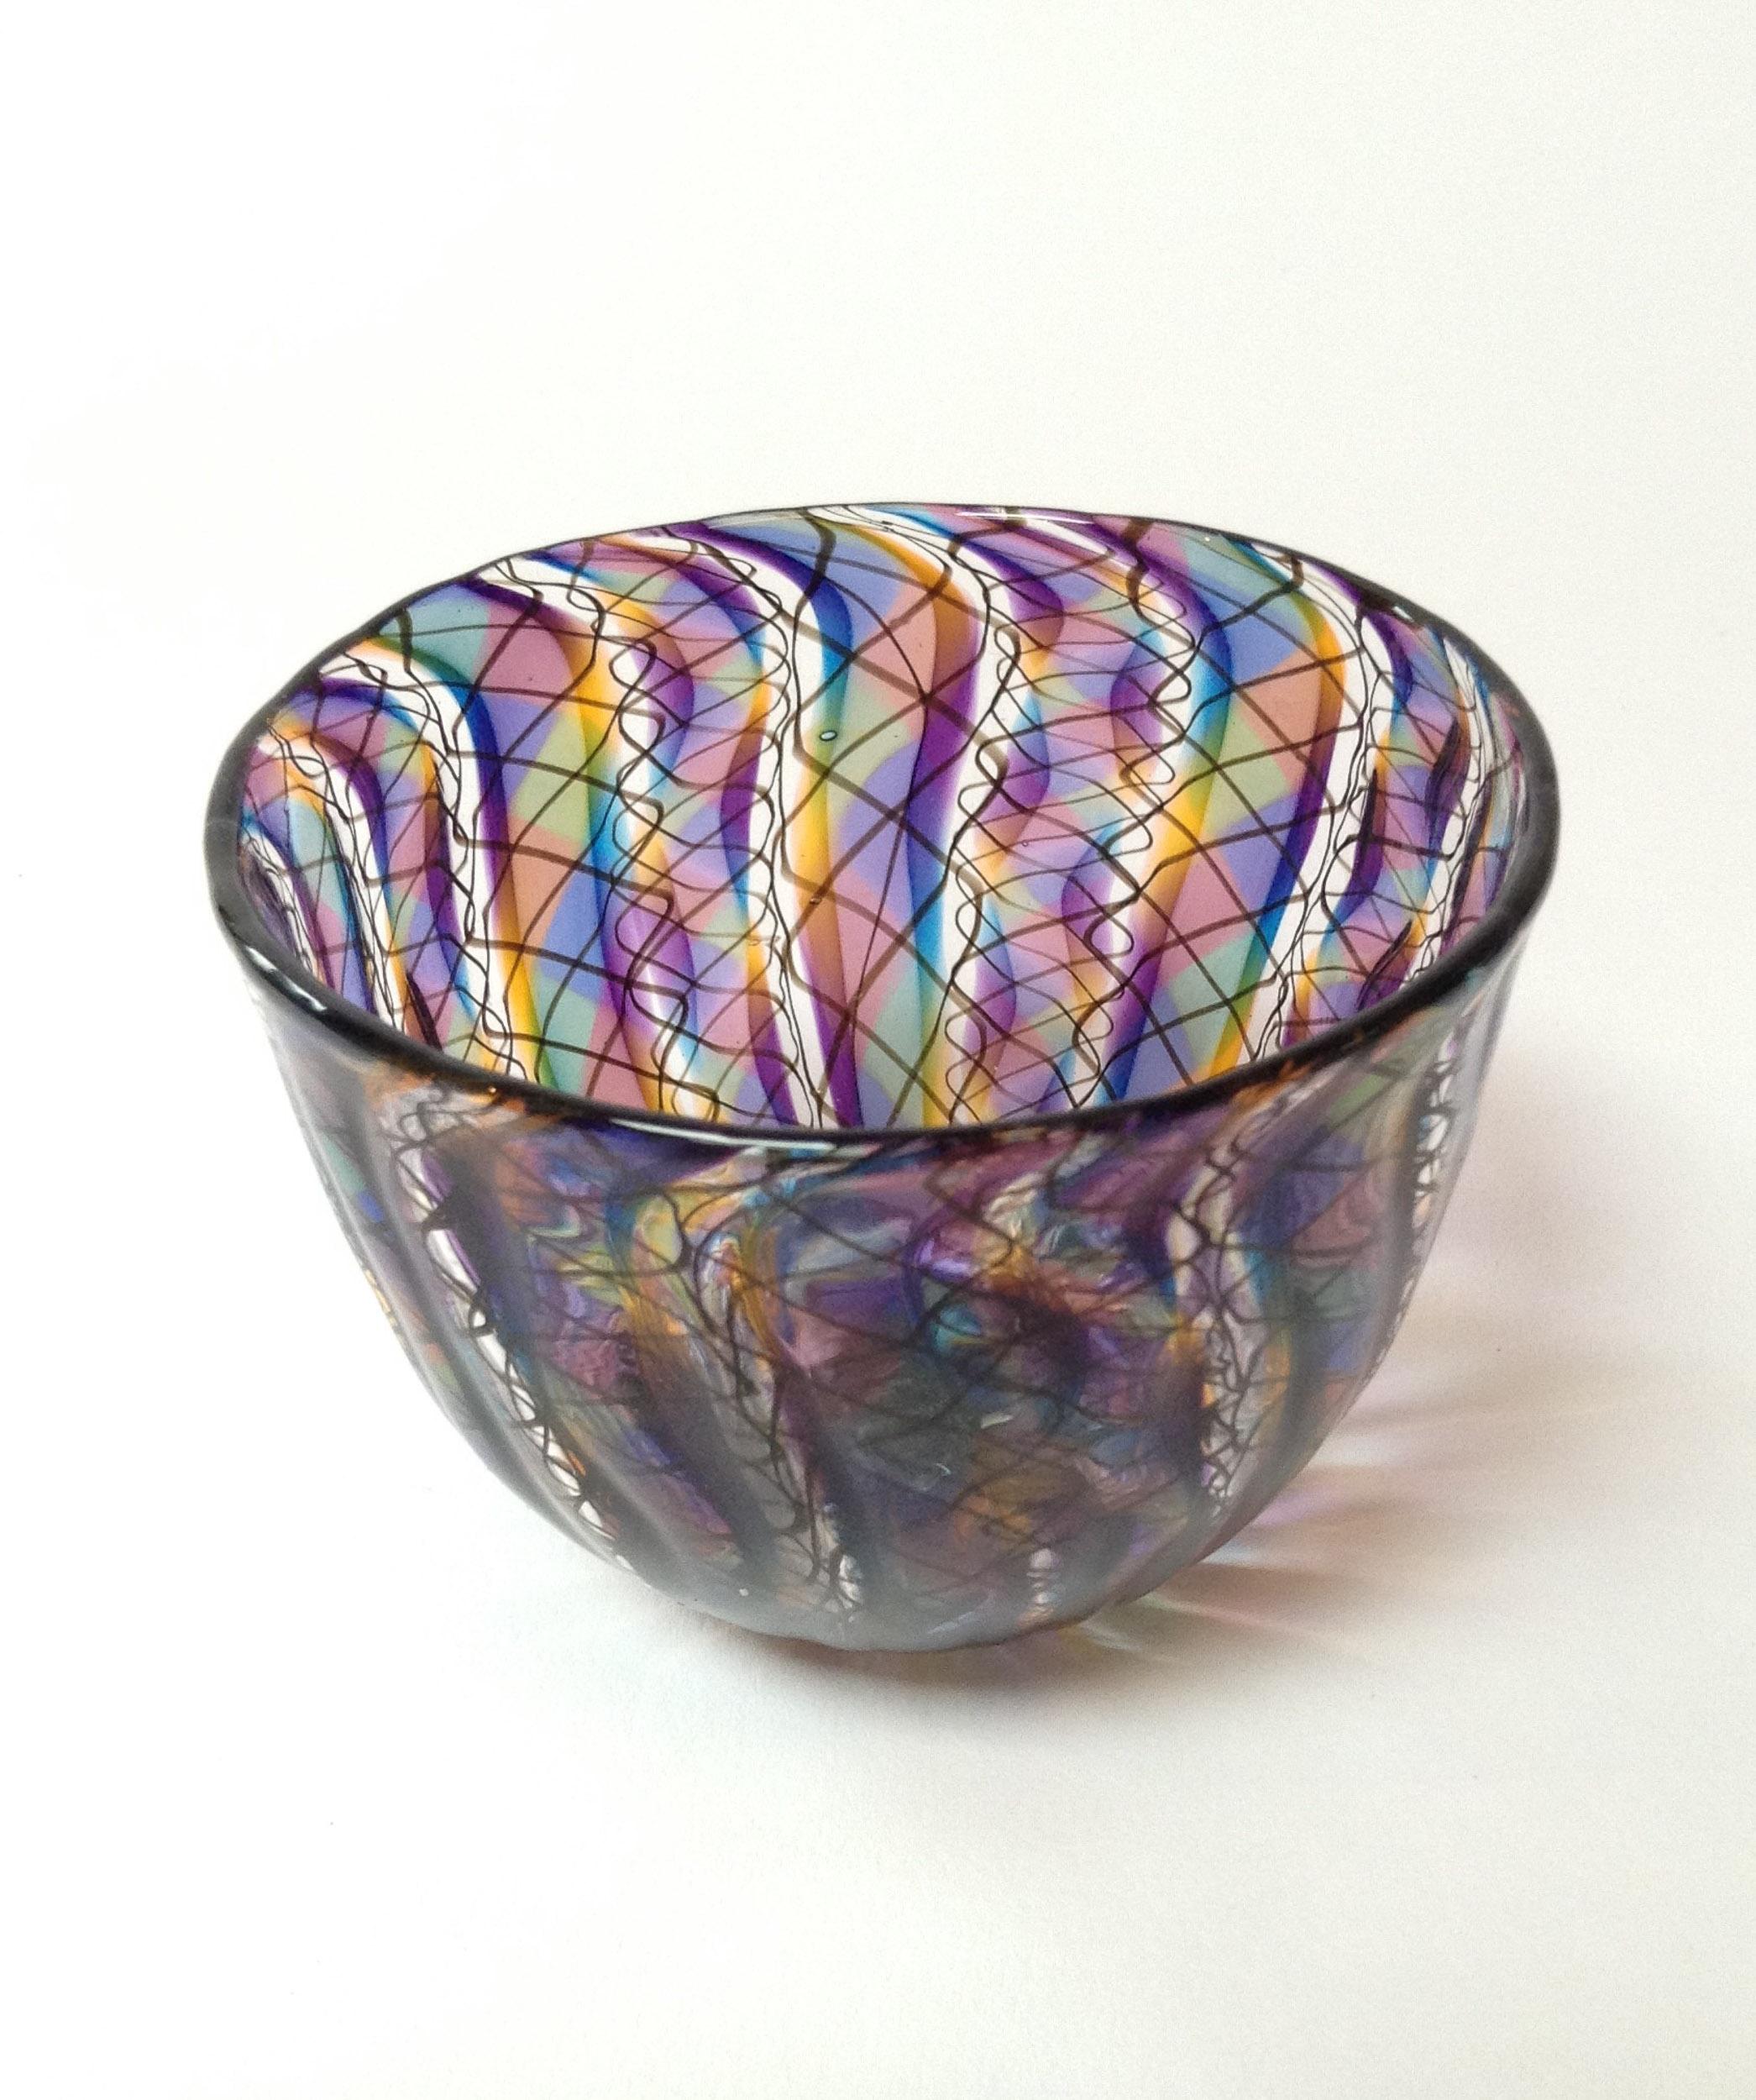 Olive-Glass_Italian-Art-Glass_Corrie-Haight_Lark-Dalton-20170325-3.jpg